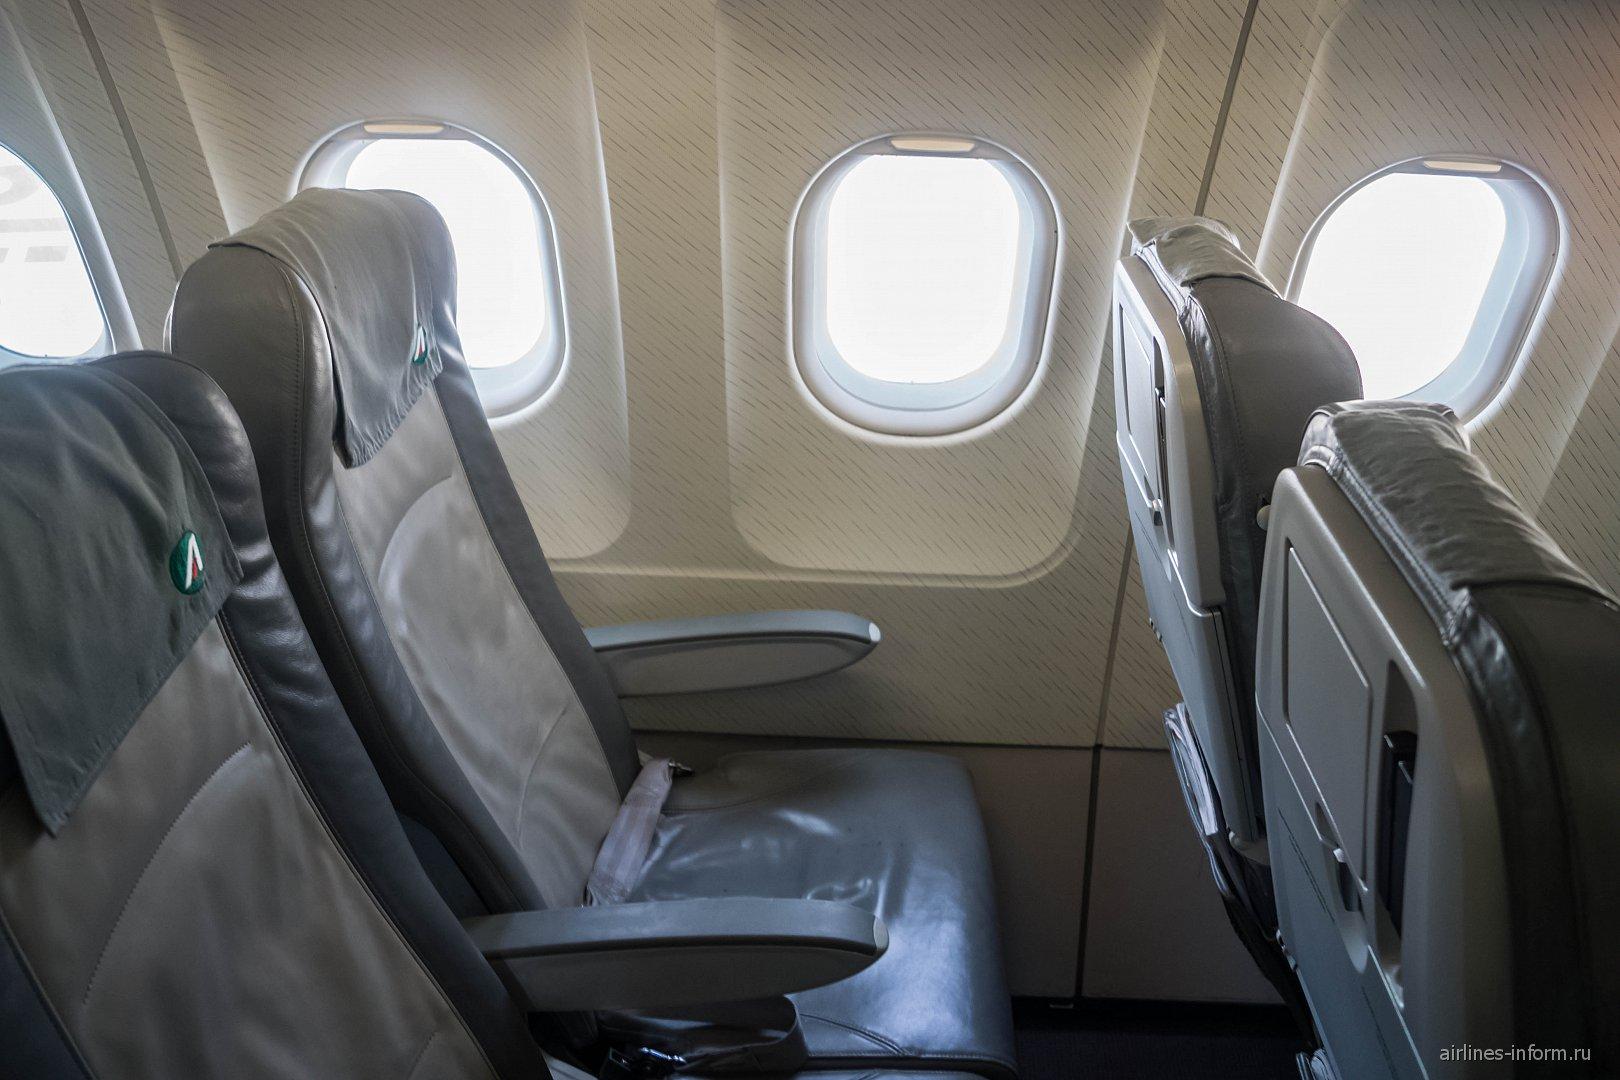 Места пассажиров эконом-класса в Airbus A321 авиакомпании Alitalia